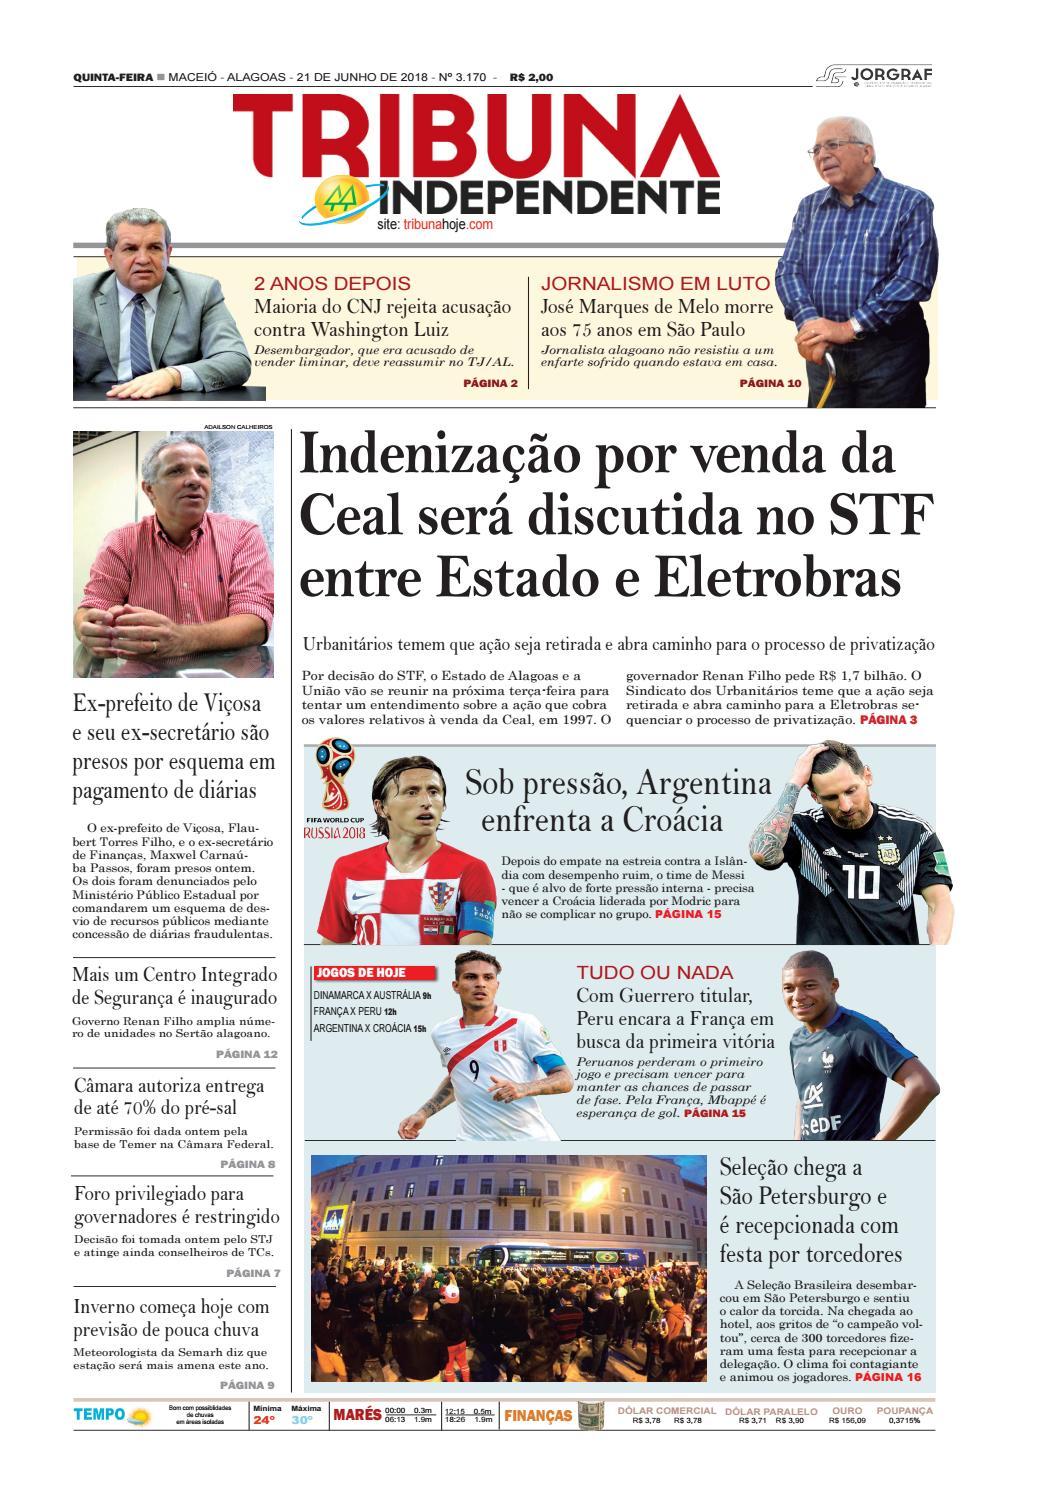 Edição número 3170 - 21 de junho de 2018 by Tribuna Hoje - issuu 6c8410d8525c